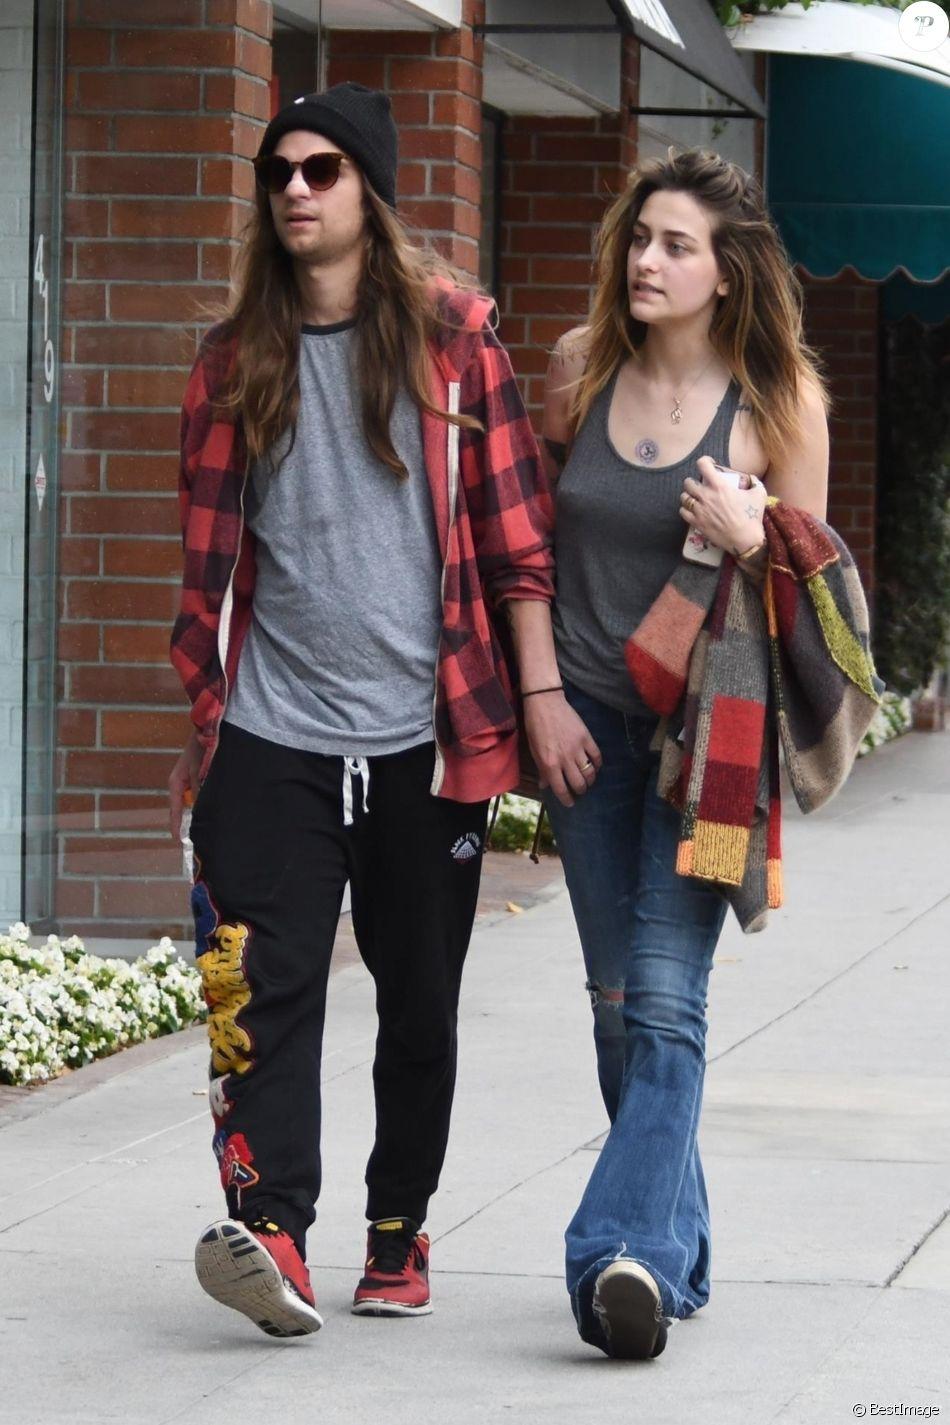 Exclusif - Paris Jackson et son compagnon Gabriel Glen se rendent chez le dentiste dans le quartier de Beverly Hills à Los Angeles, le 23 mai 2019.